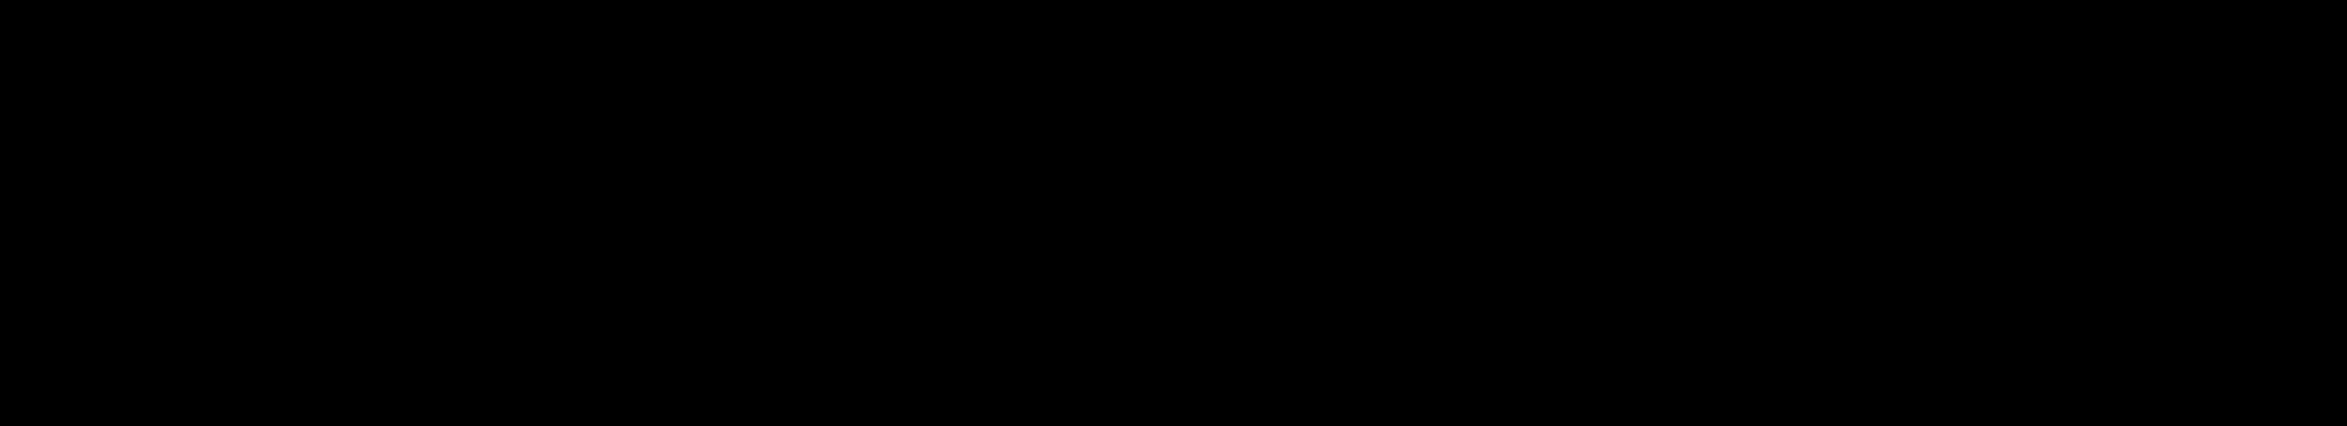 Kiuloper logo